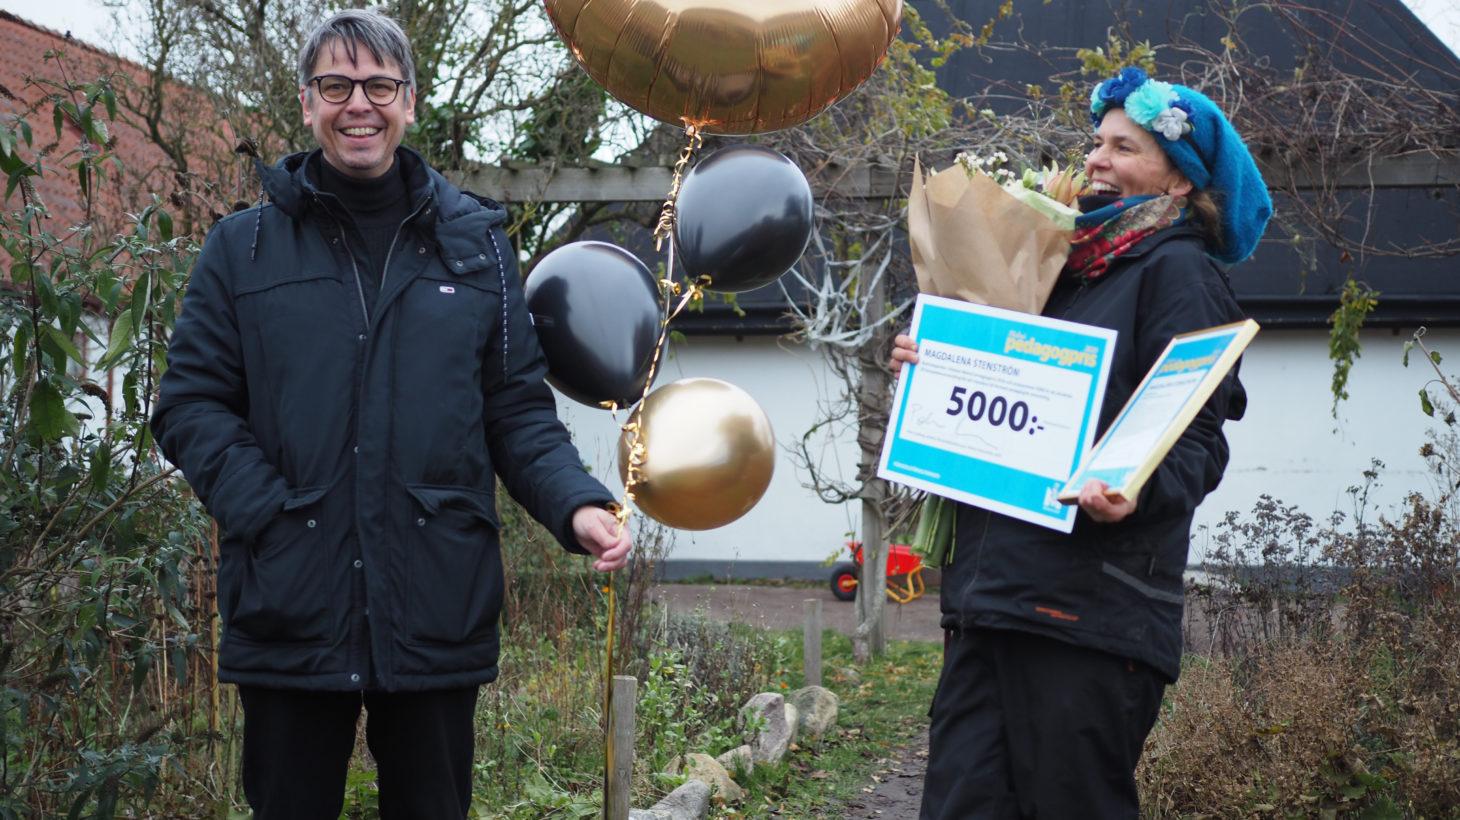 Direktör håller ballonger och överraskad pristagare håller check och diplom.